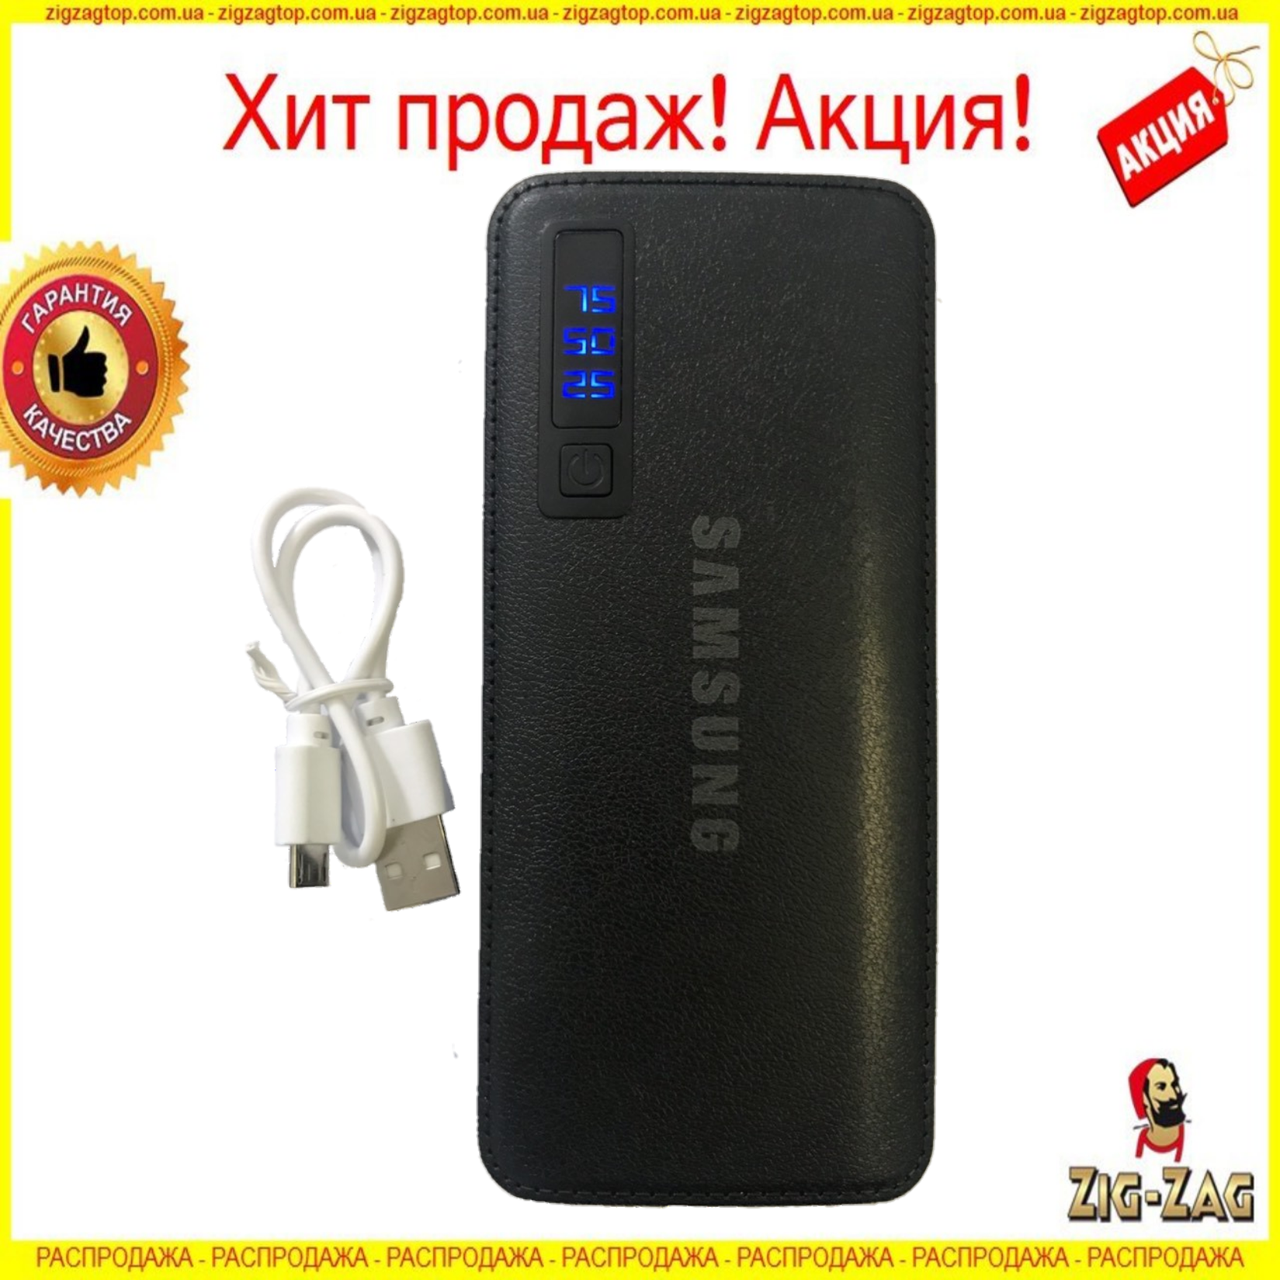 Power Bank SAMSUNG 60000mAh МОЩНЫЙ +LED фонарик, 3 USB, Повер бБанк универсальная Батарея, Внешний аккумулятор